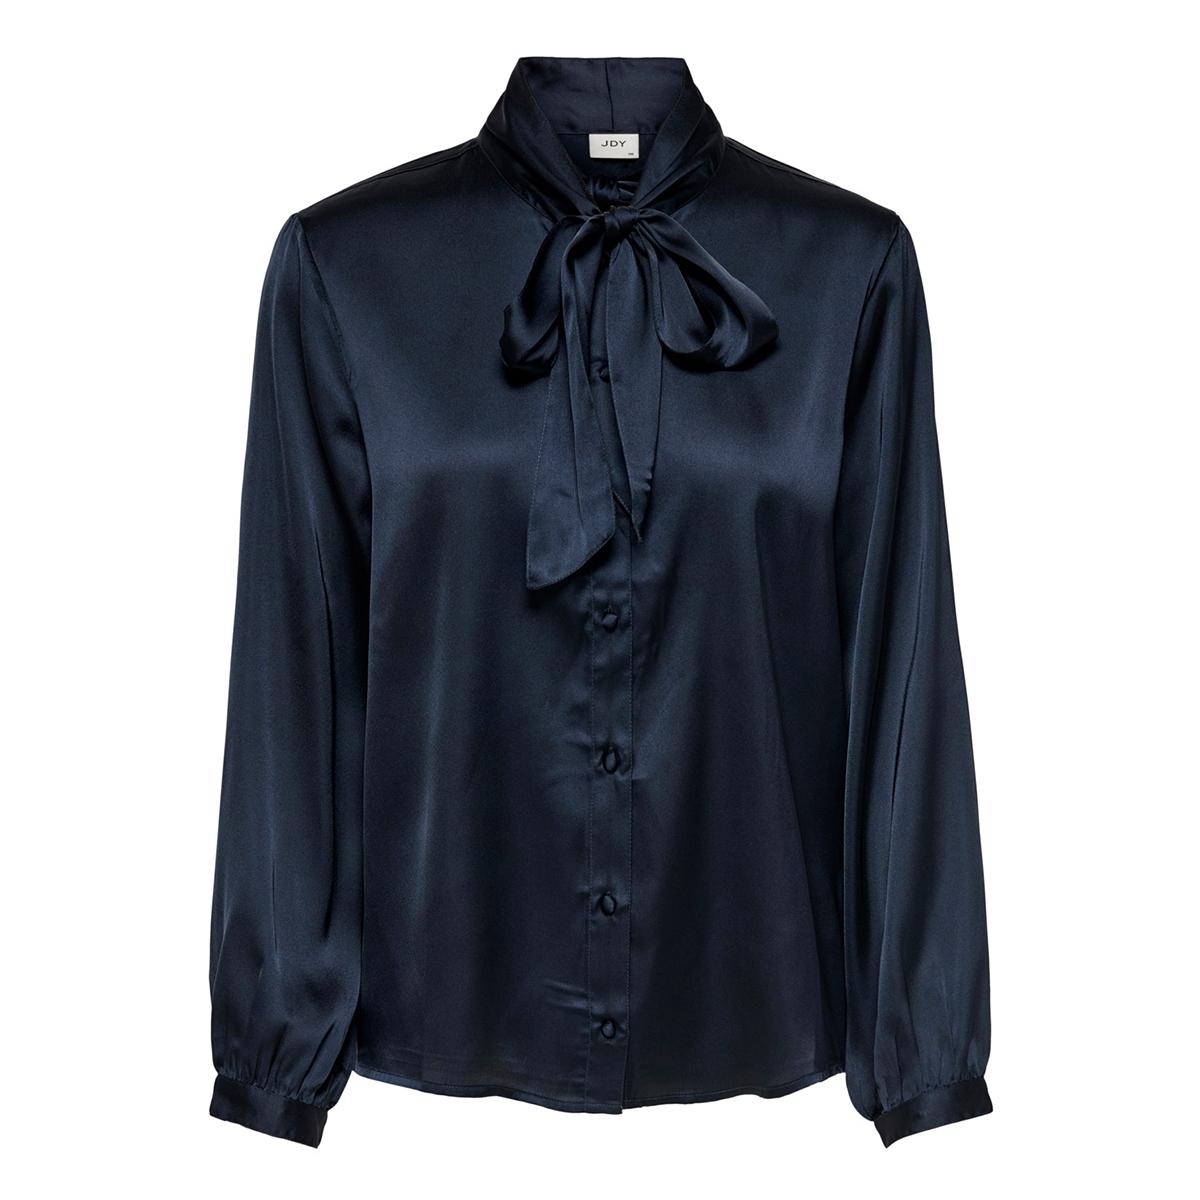 jdyfiffi l/s bow shirt wvn exp 15195614 jacqueline de yong blouse sky captain